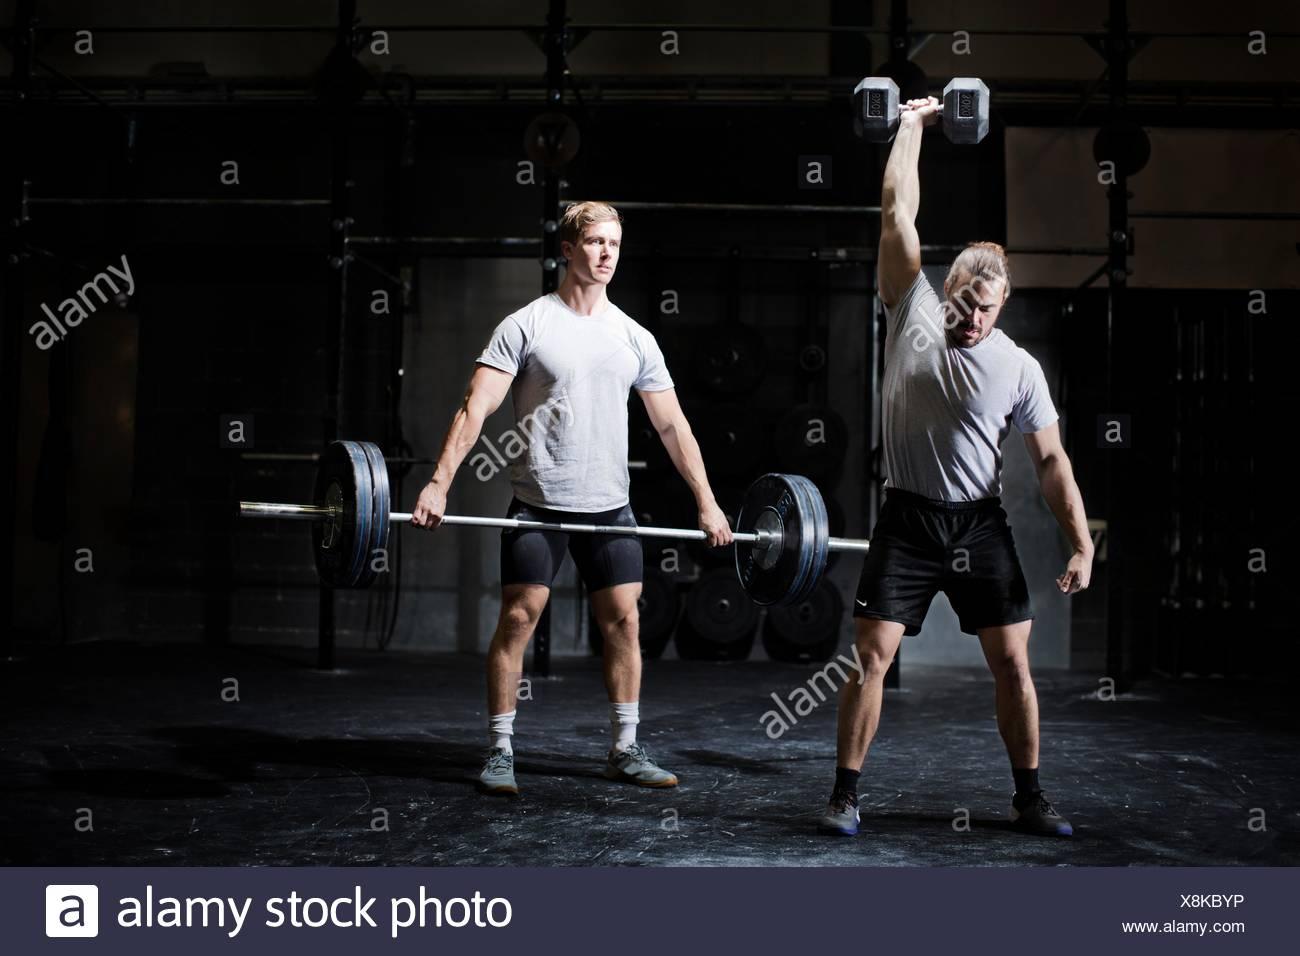 Zwei junge Männer Gewichtheben mit Kurzhantel und Langhantel in dunklen Turnhalle Stockbild